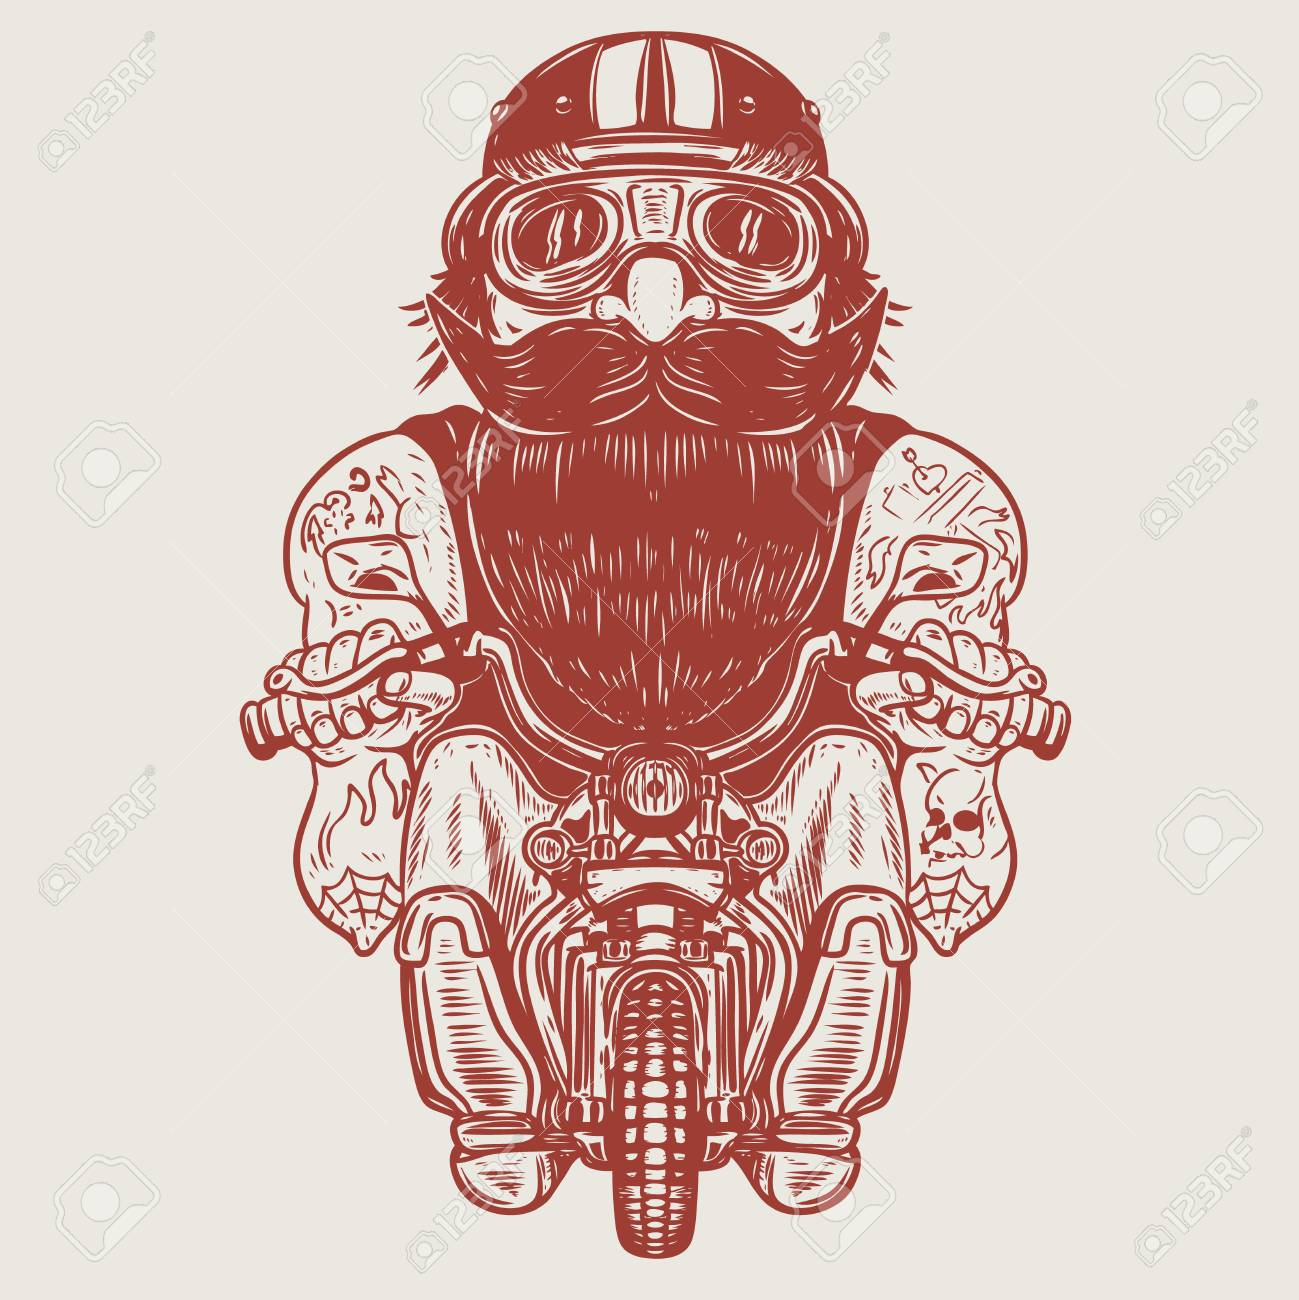 Caricature Drole De Motard Racer Sur Petite Moto Element De Design Pour Affiche T Shirt Carte Banniere Illustration Vectorielle Clip Art Libres De Droits Vecteurs Et Illustration Image 88311335